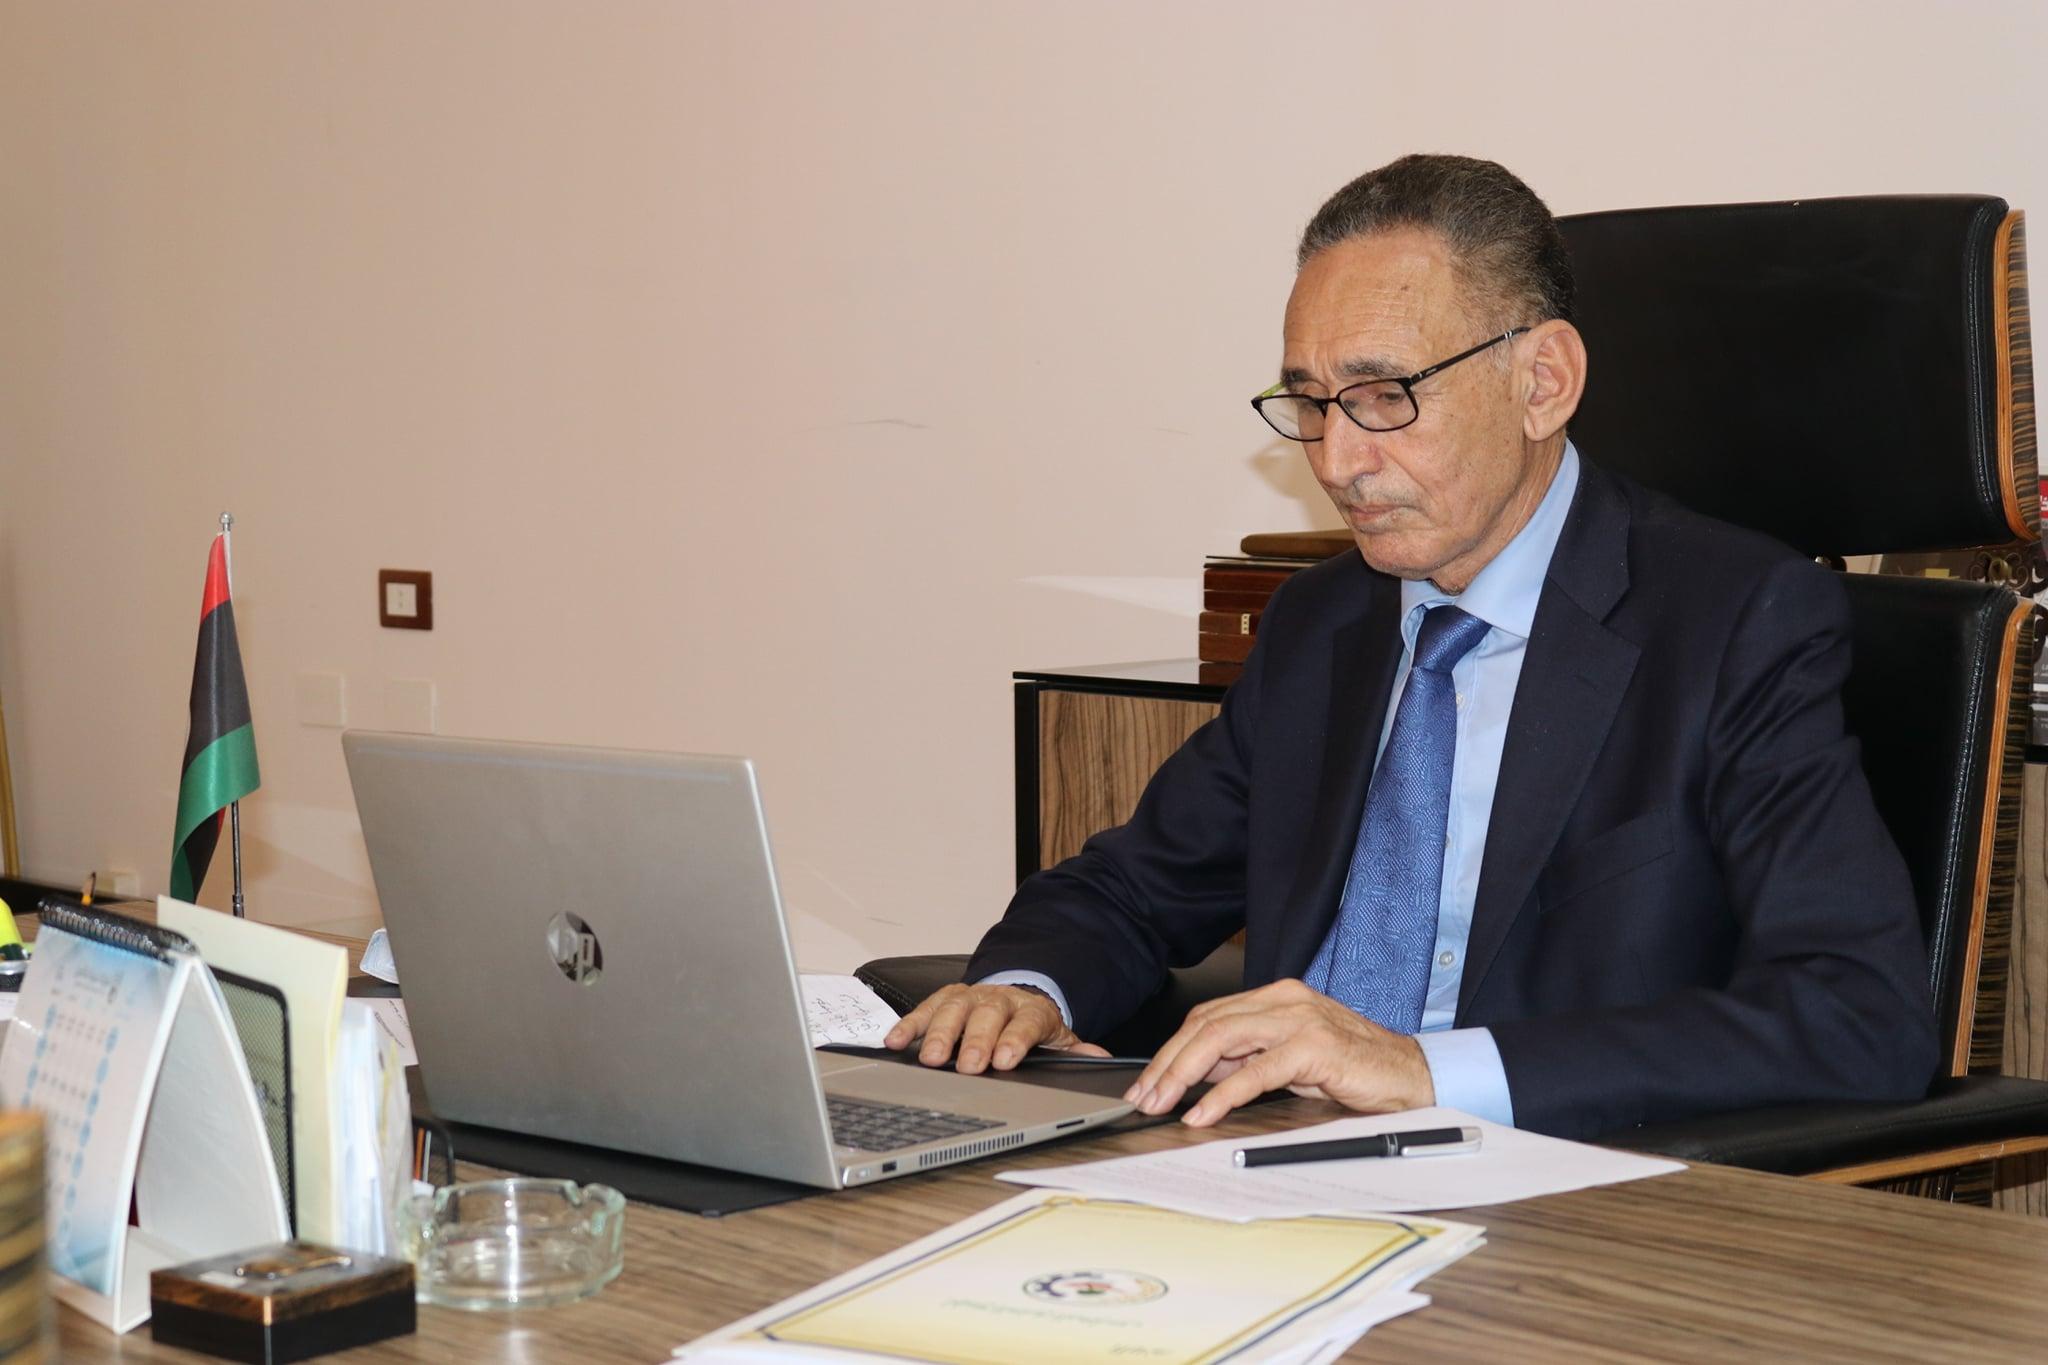 وزير الاقتصاد والتجارة محمد الحويج